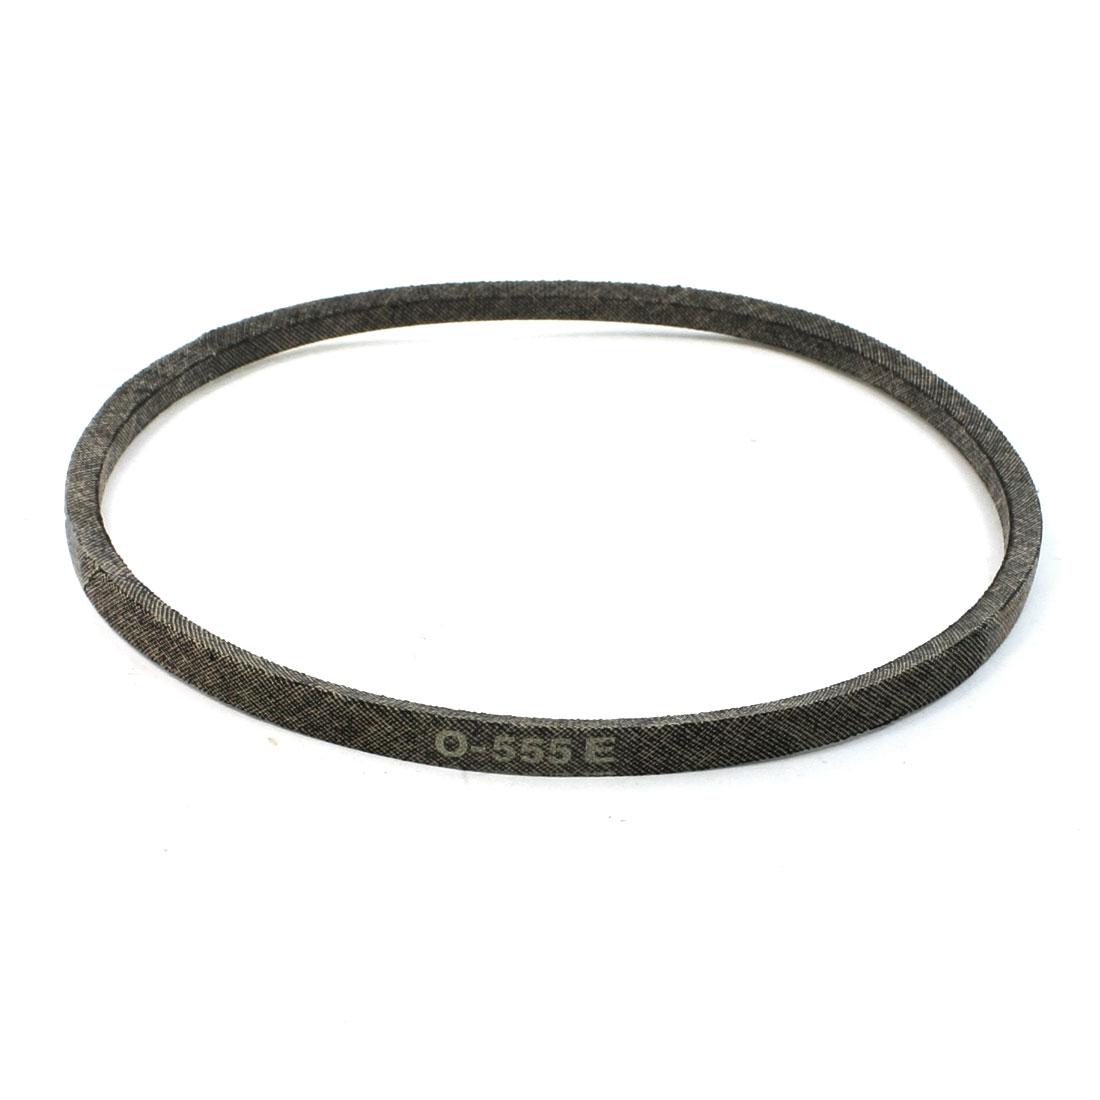 Washing Machine Motor V Belt Repair Part 10mm Outer Width 55.5cm Inner Girth